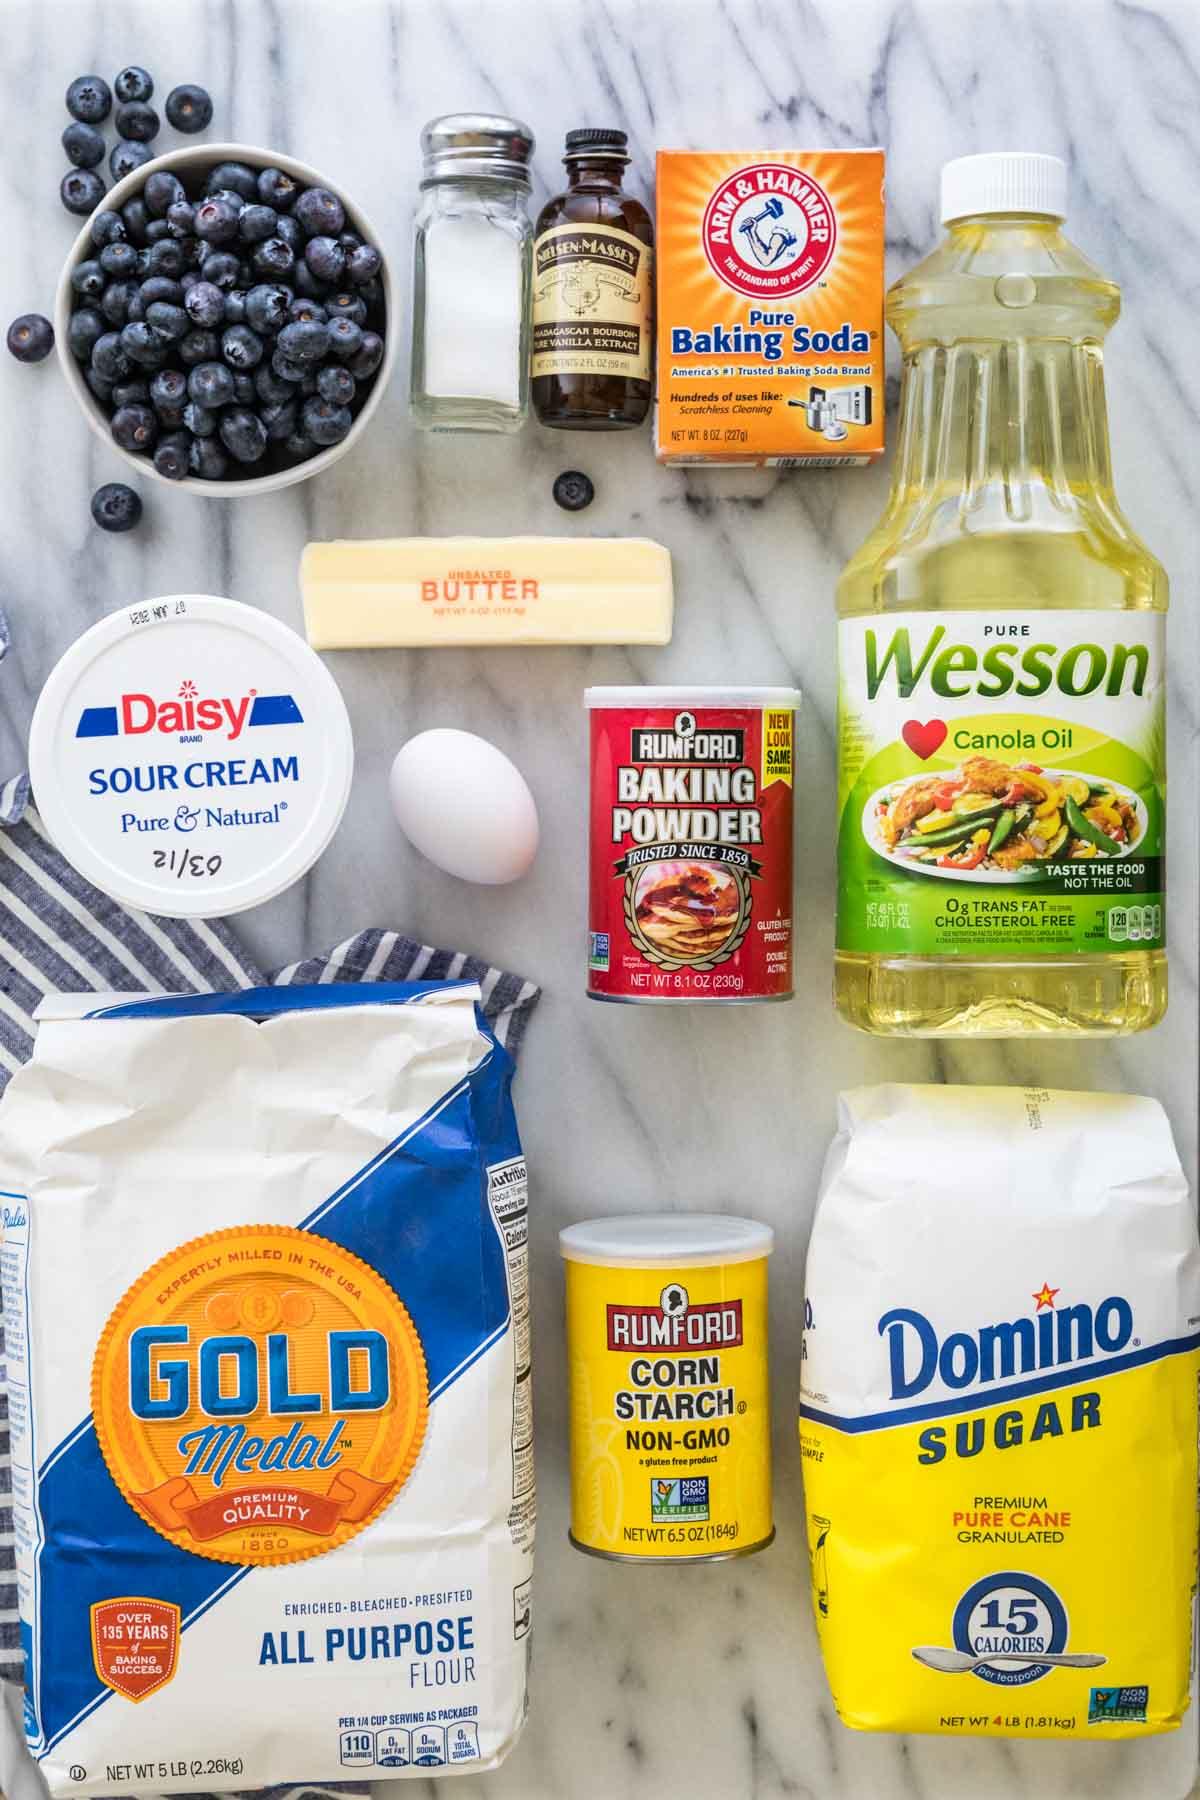 Ingredients for blueberry muffins: flour, cornstarch, sugar, canola oil, bakin gpowder, egg, sour cream, butter, baking soda, vanilla, salt, blueberries